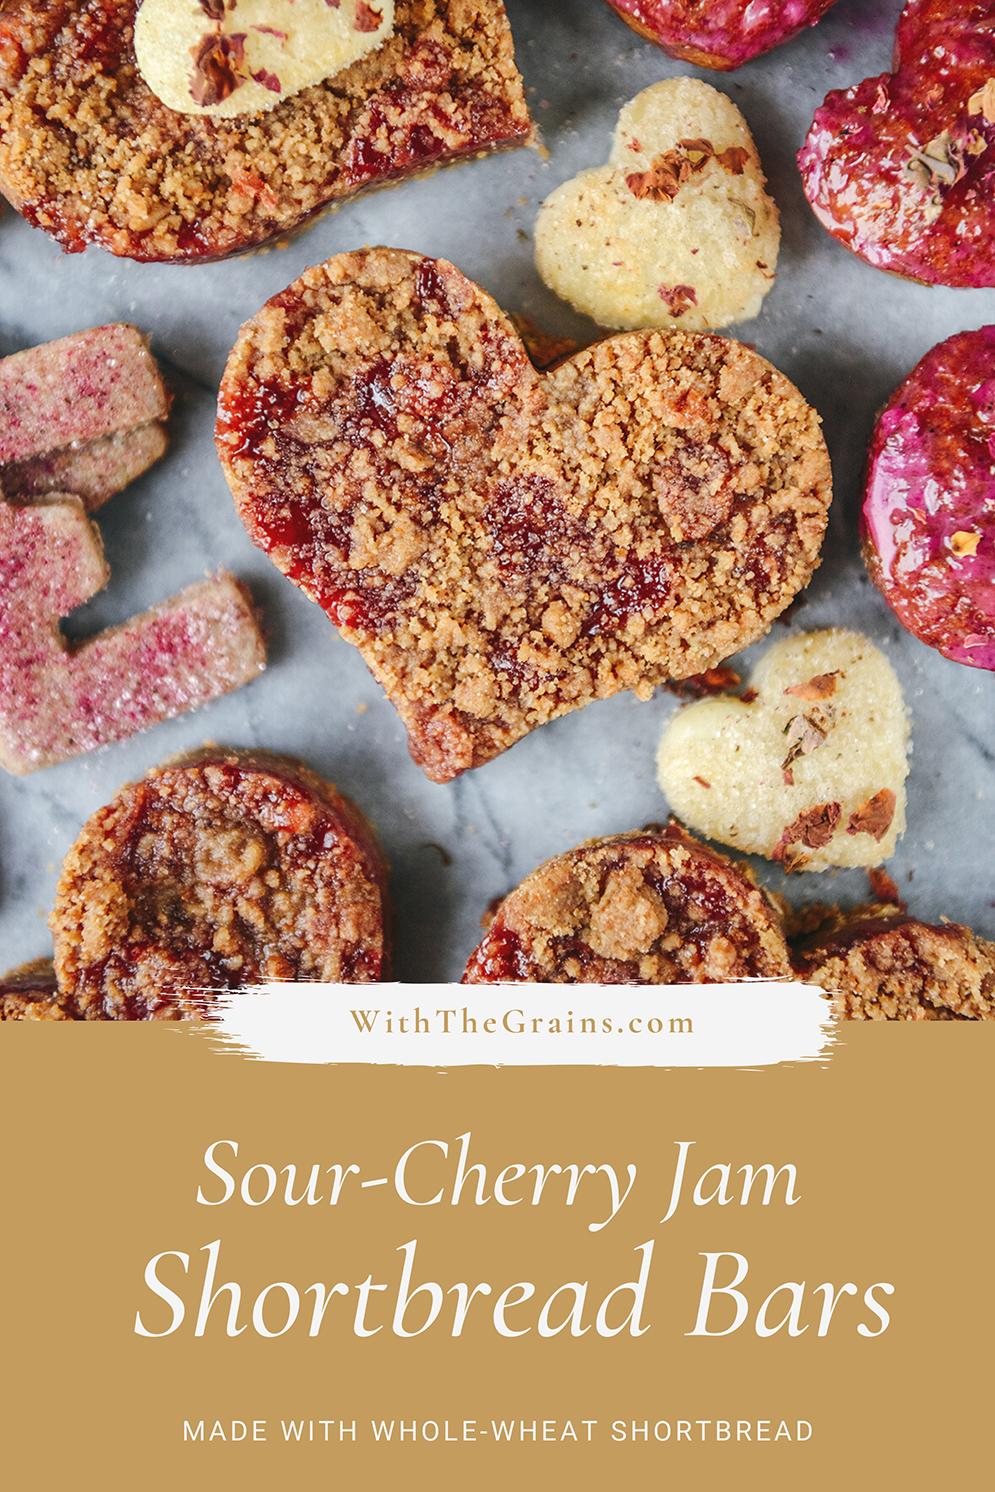 Whole-Grain Sour Cherry Jam Shortbread Bars // www.WithTheGrains.com